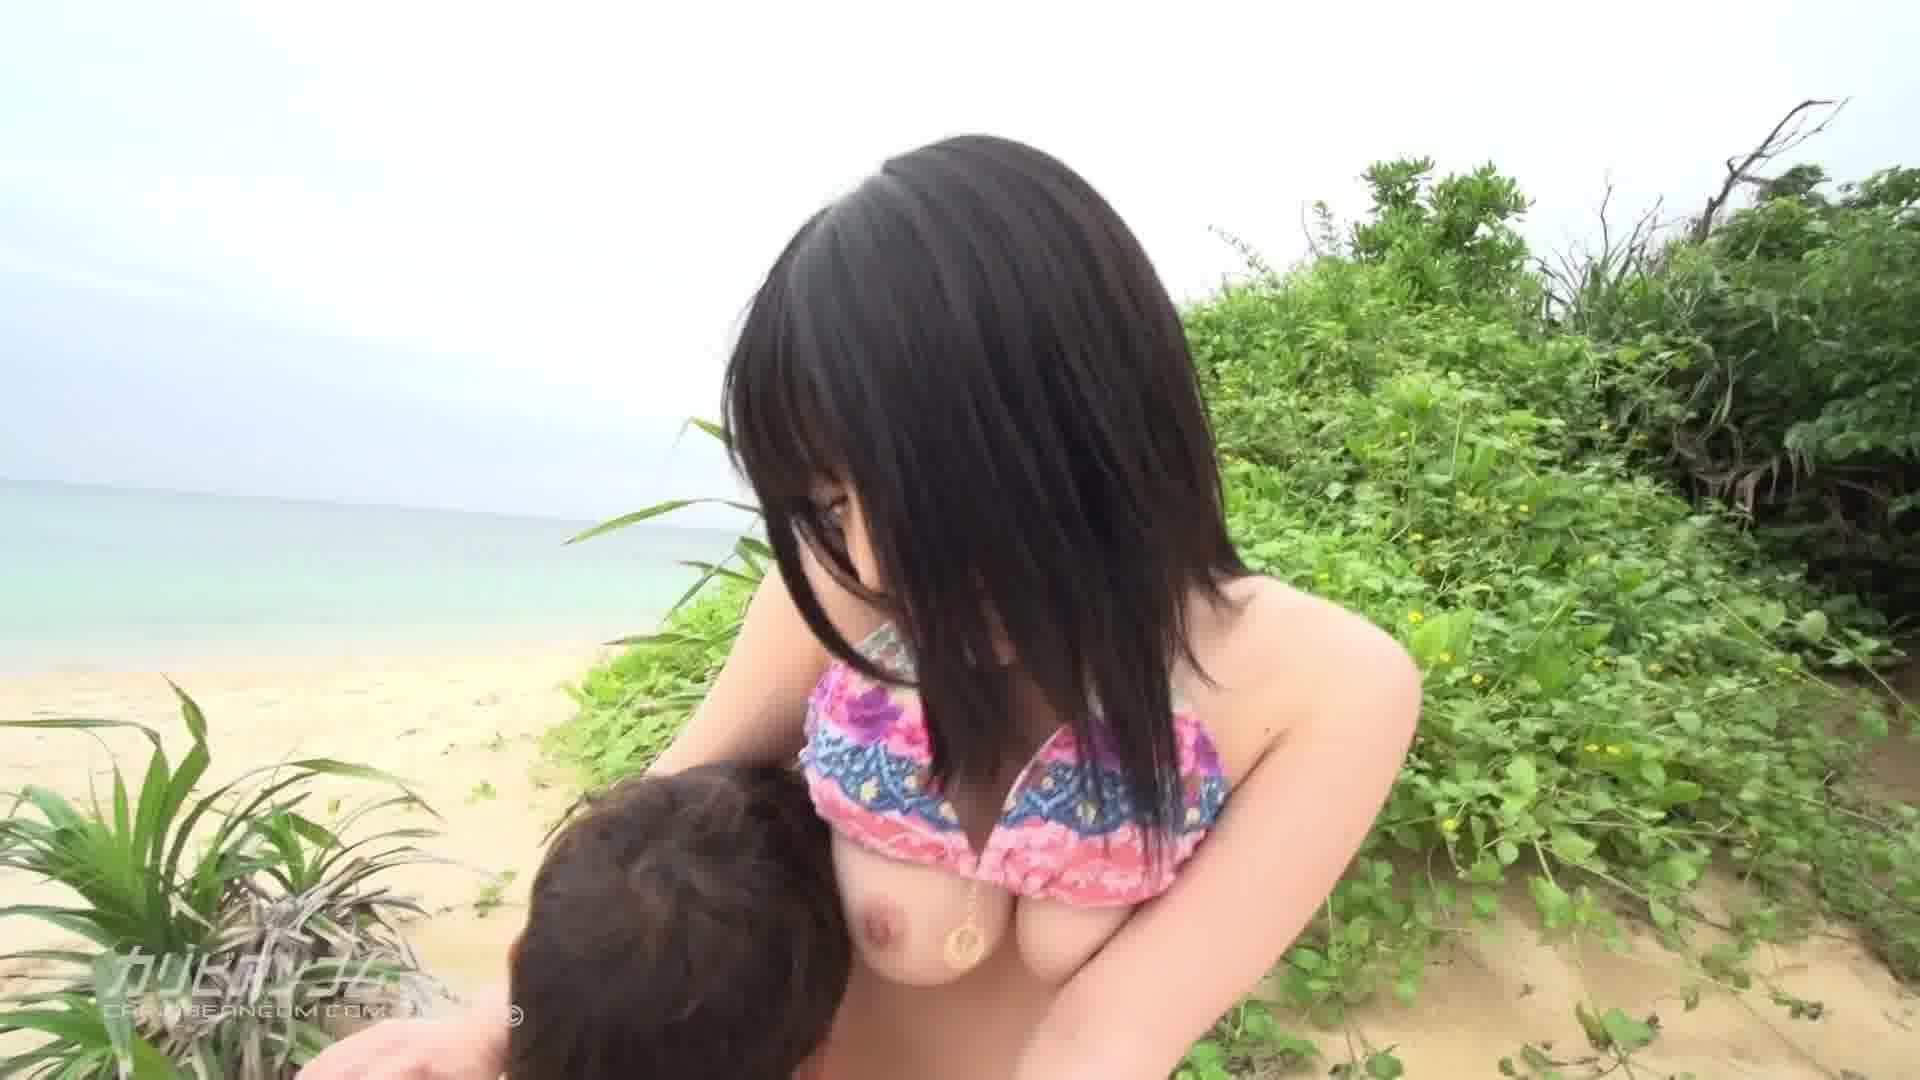 南の島でつかまえて 前編 - みなみ愛梨【巨乳・青姦・初裏】